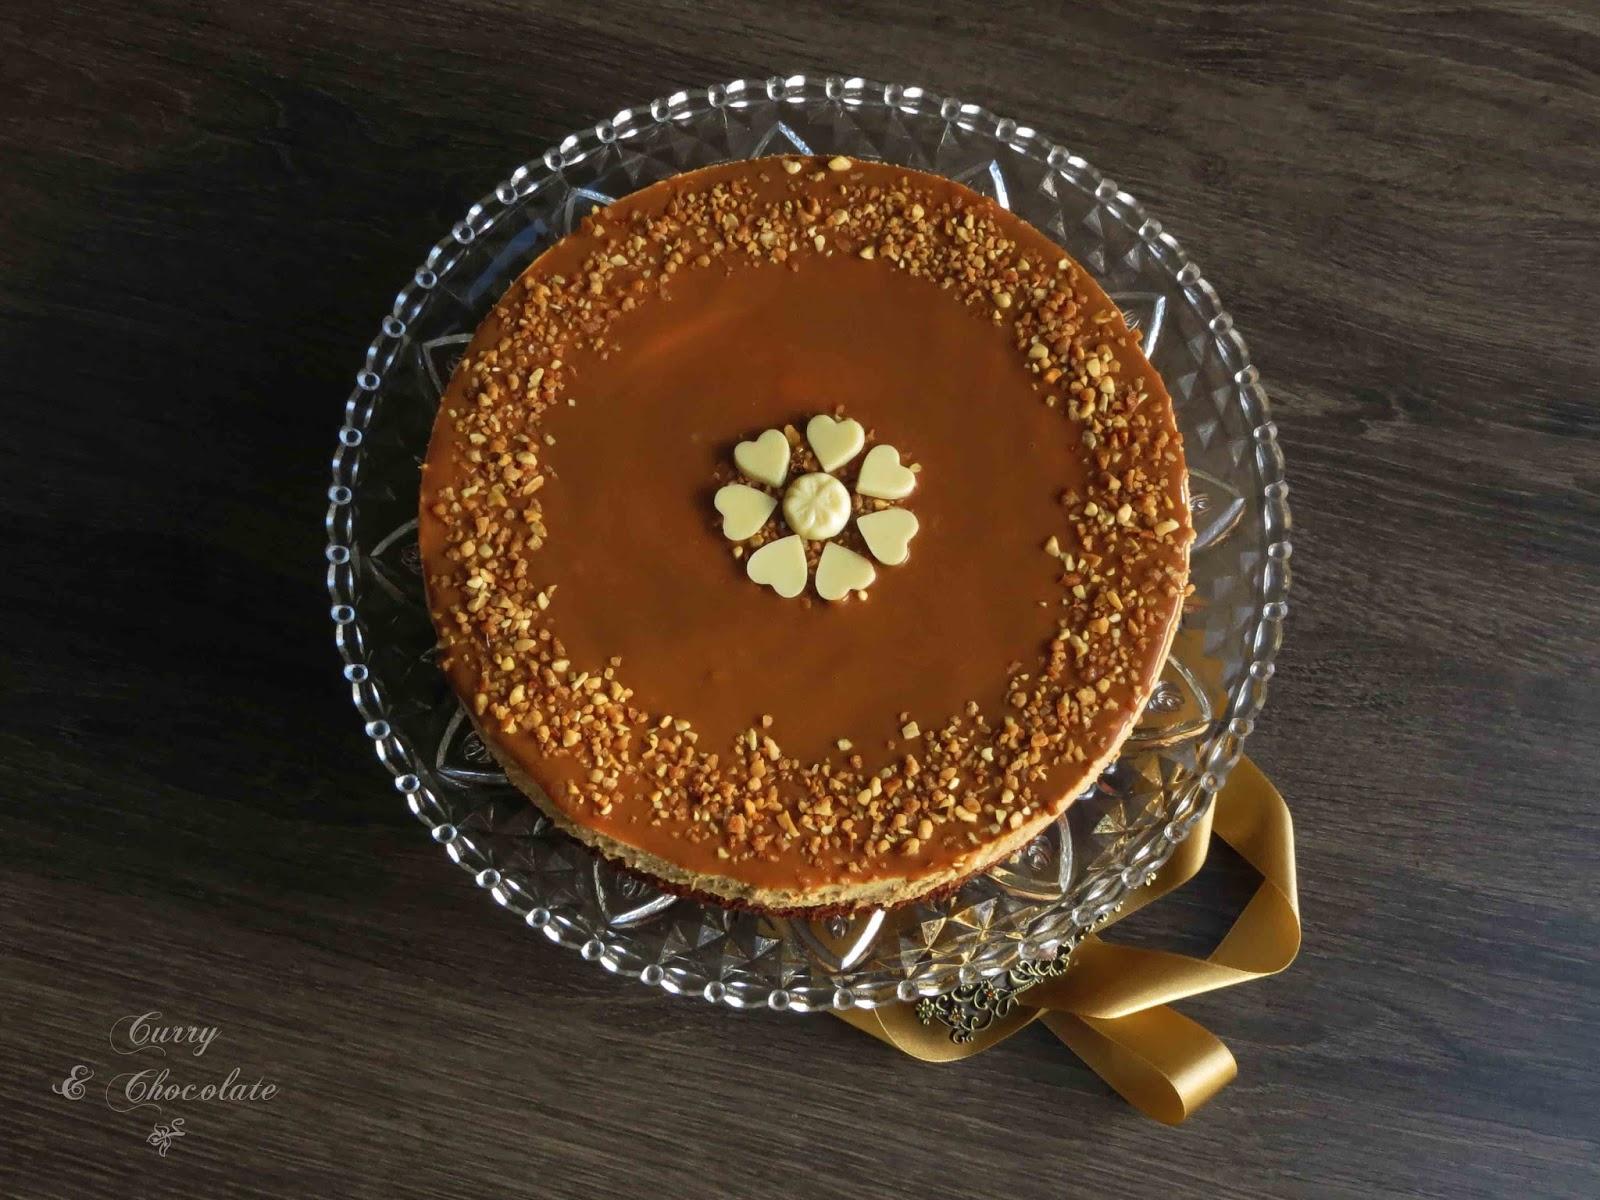 Tarta mousse de dulce de leche con base de bizcocho – Dulce de leche mousse cake with brownie crust